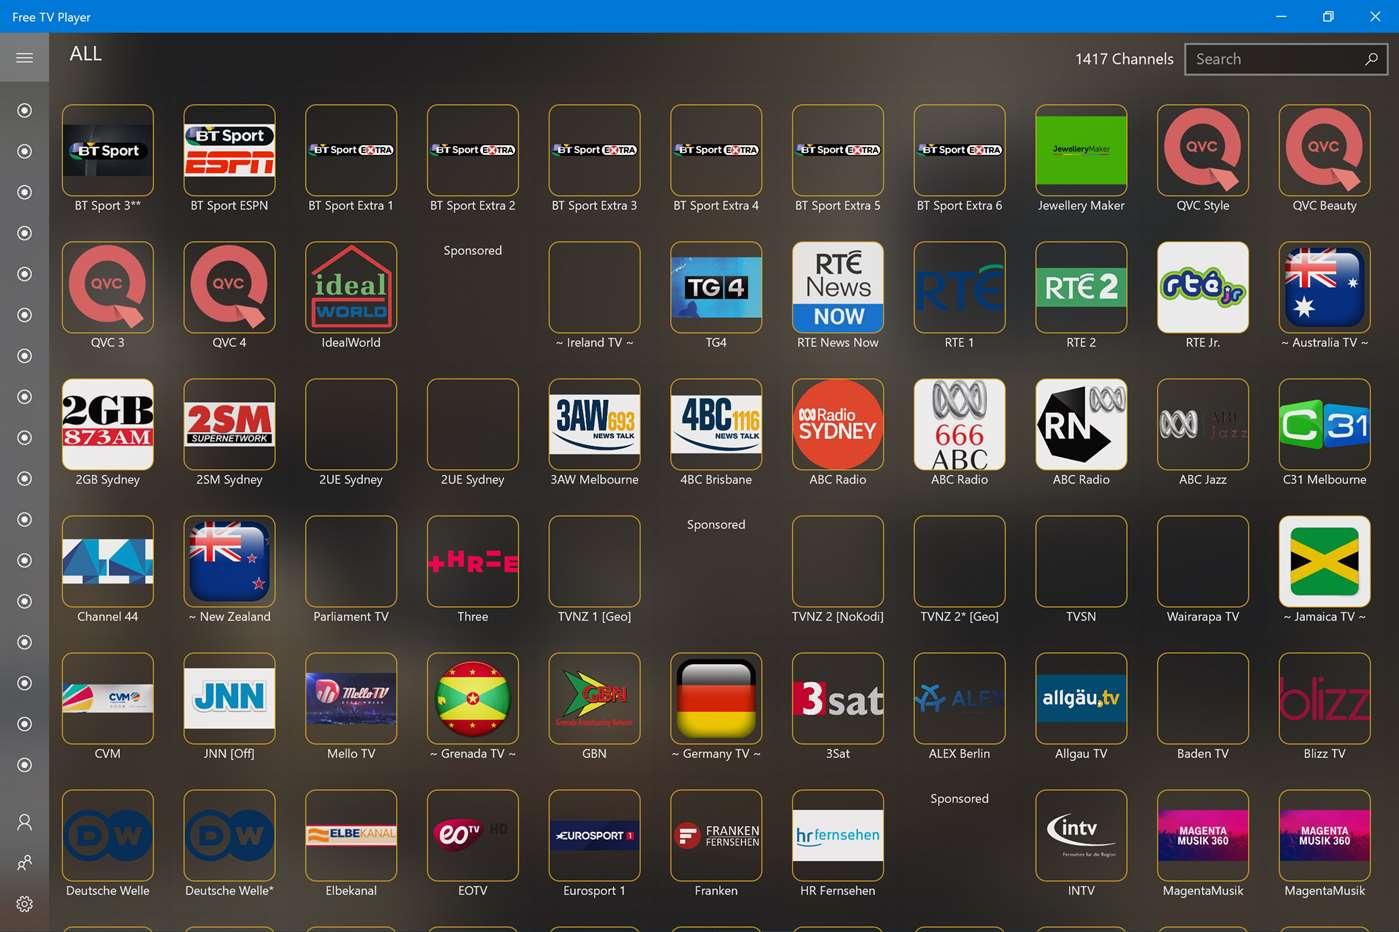 Liste IPTV Italia Gratis Con Free TV Player Per PC Windows